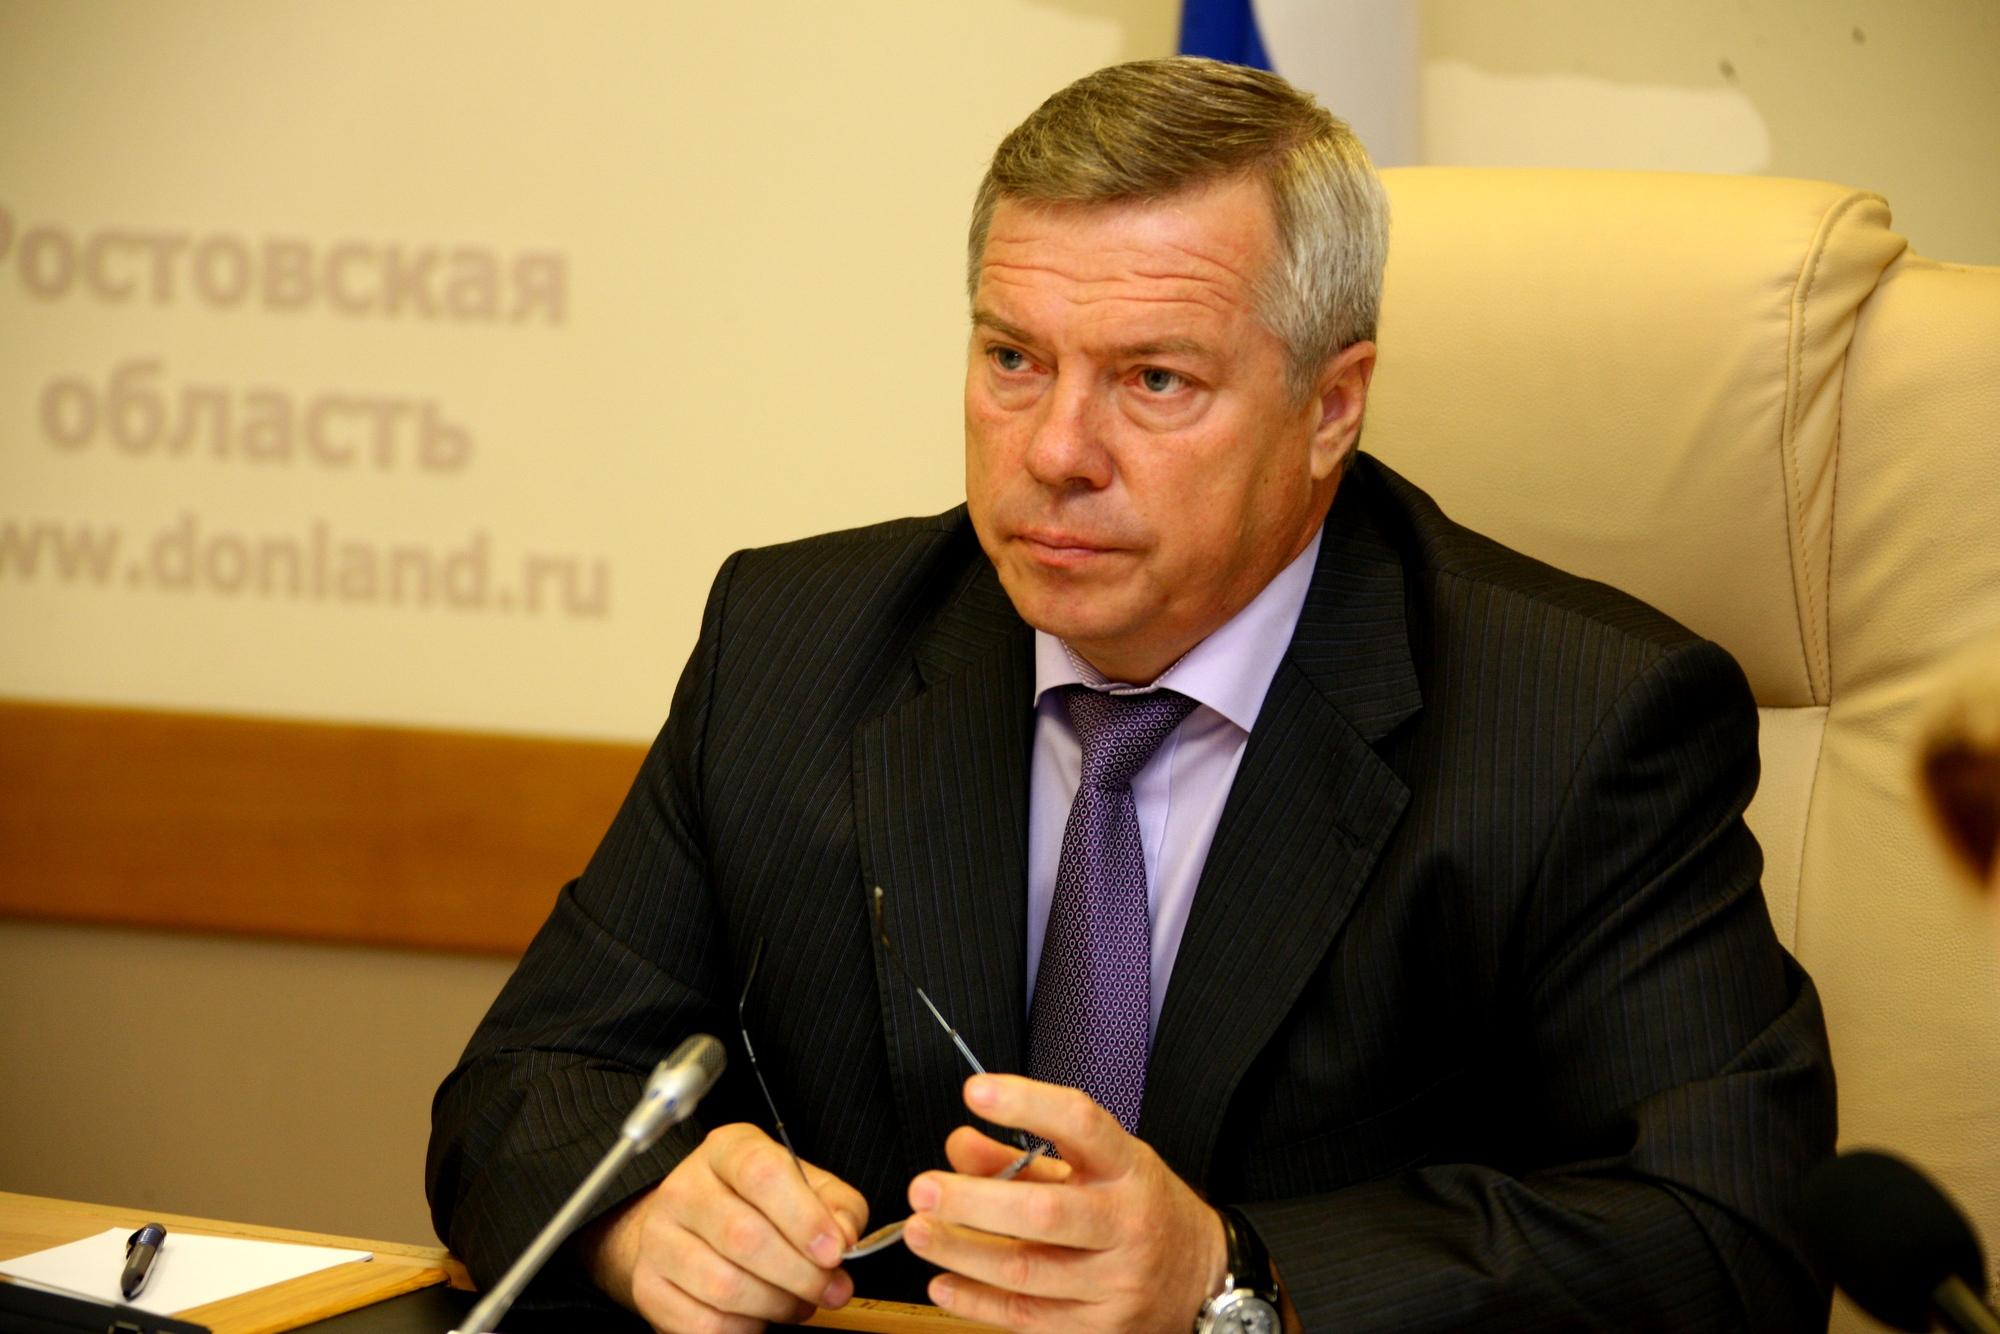 Около 41 миллиона рублей выплатили пострадавшим от пожара в Ростове.